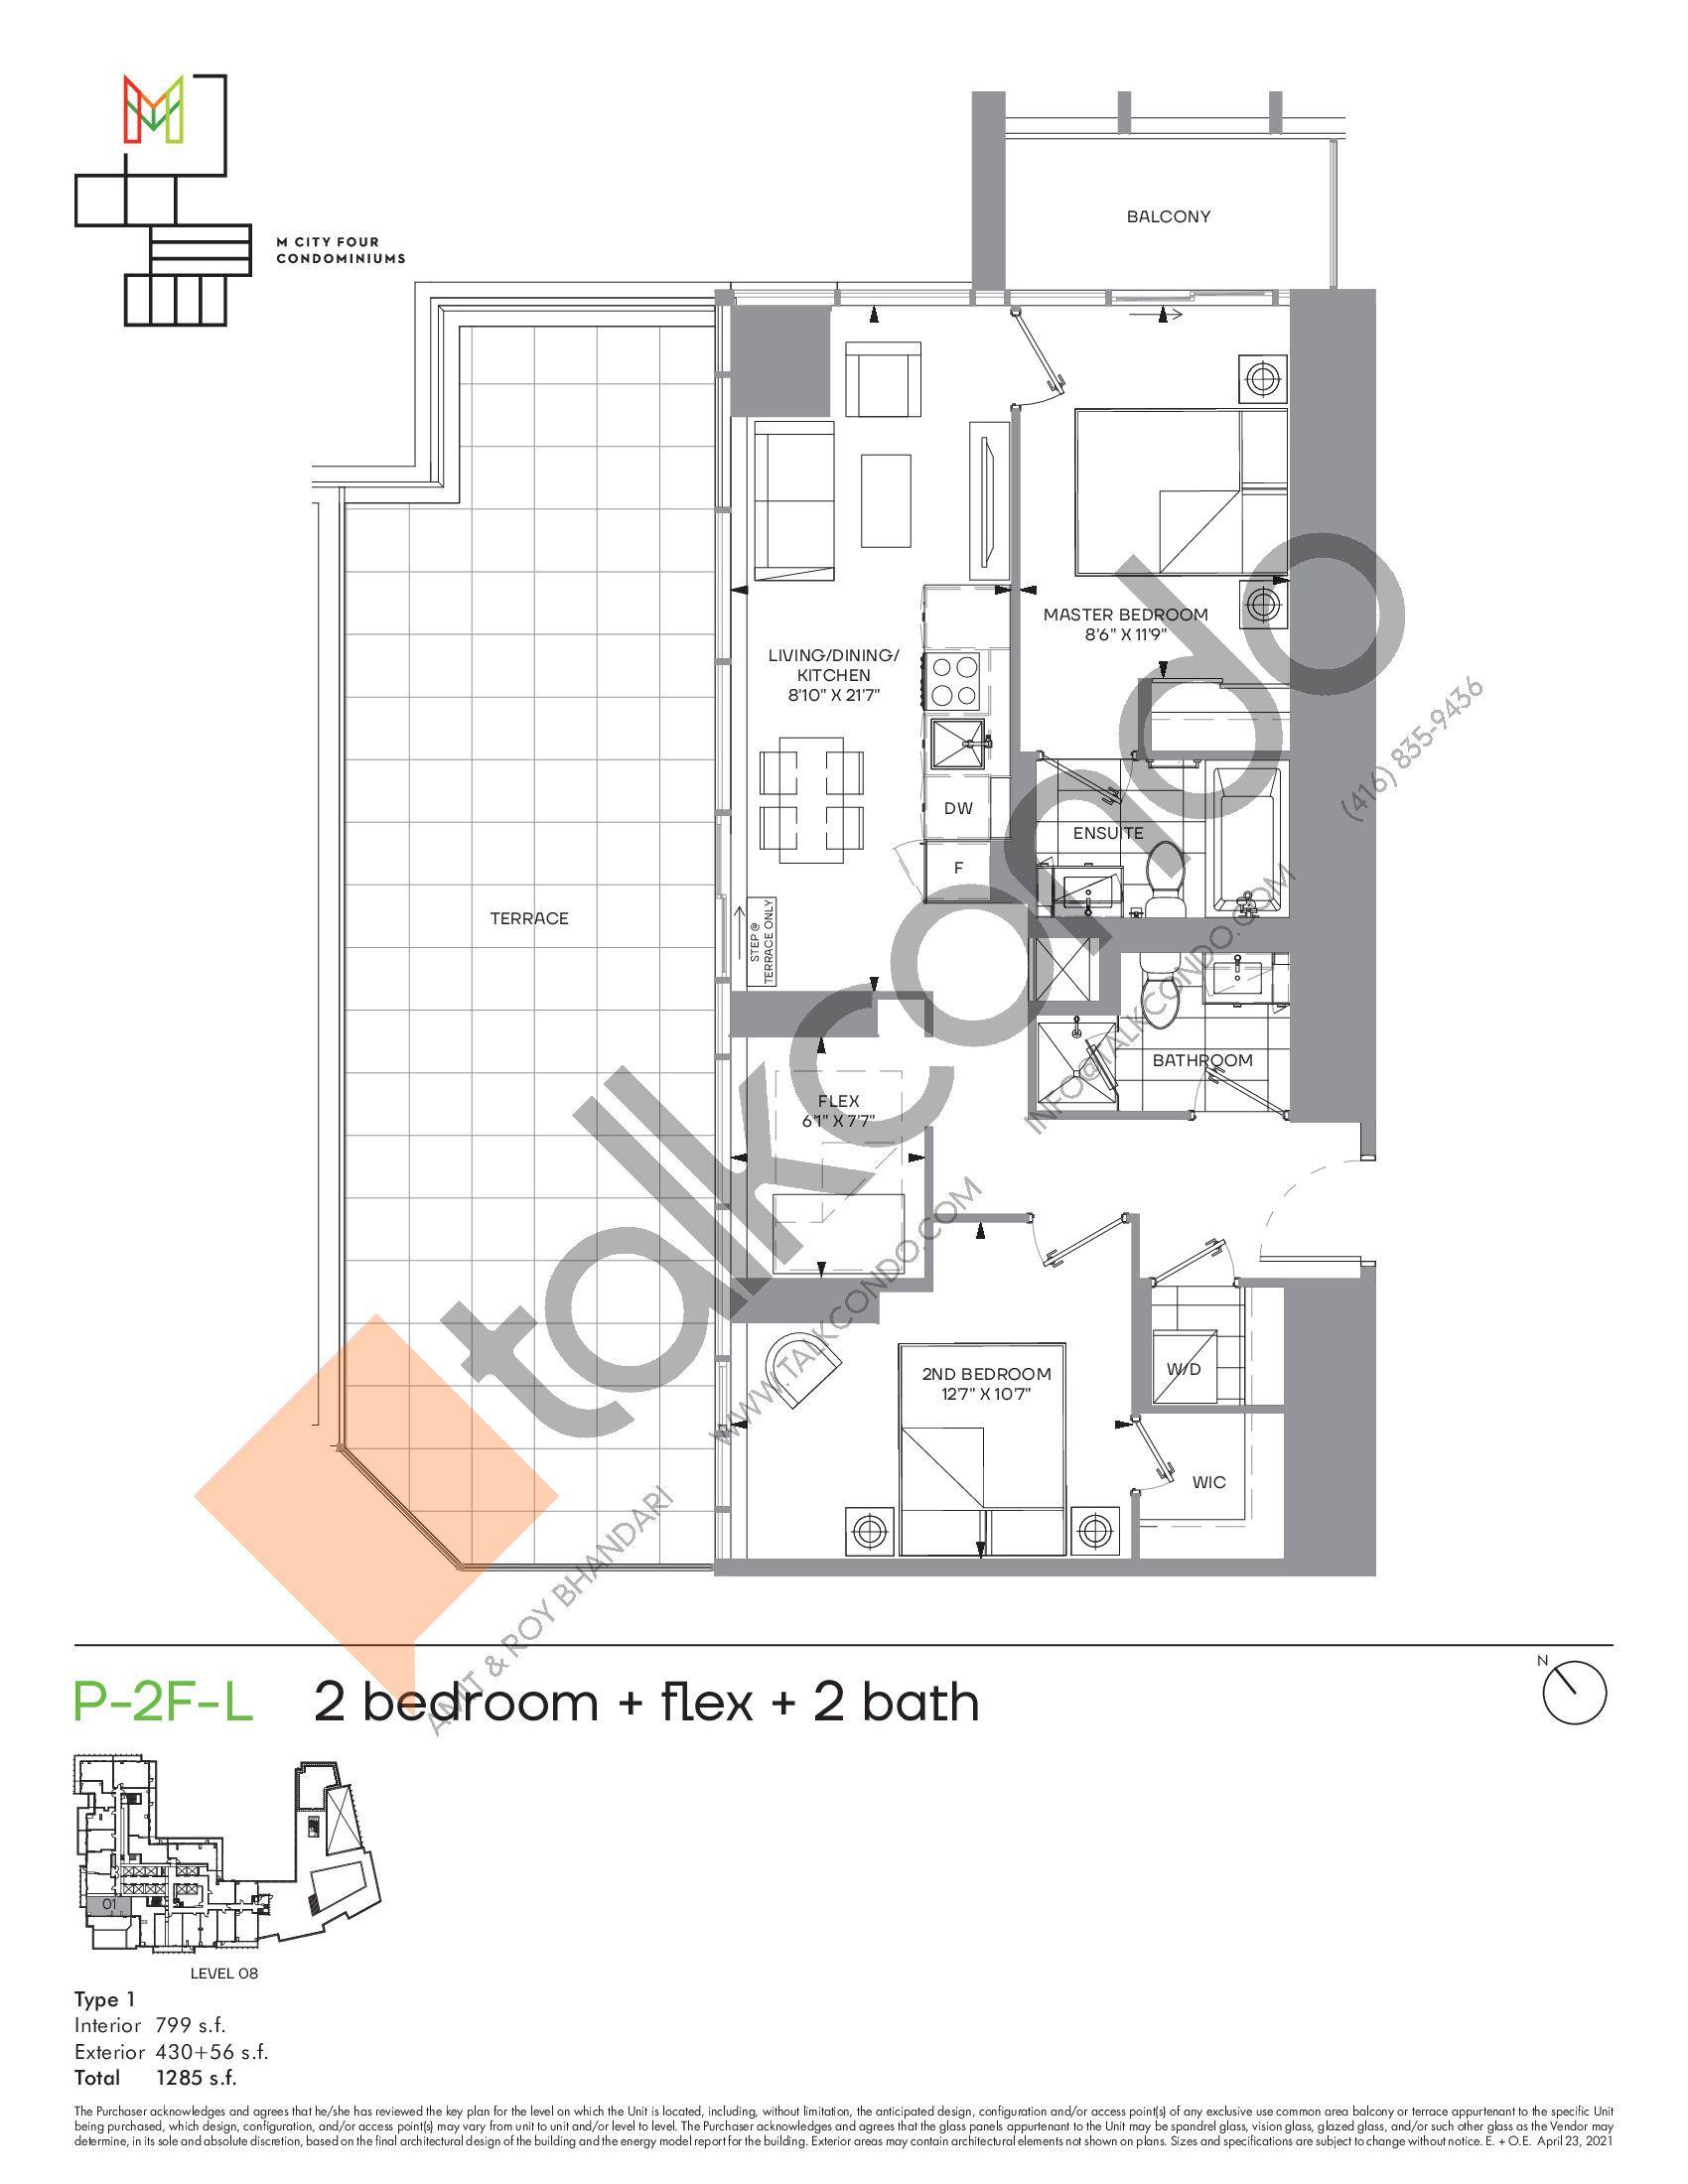 P-2F-L (Podium) Floor Plan at M4 Condos - 799 sq.ft